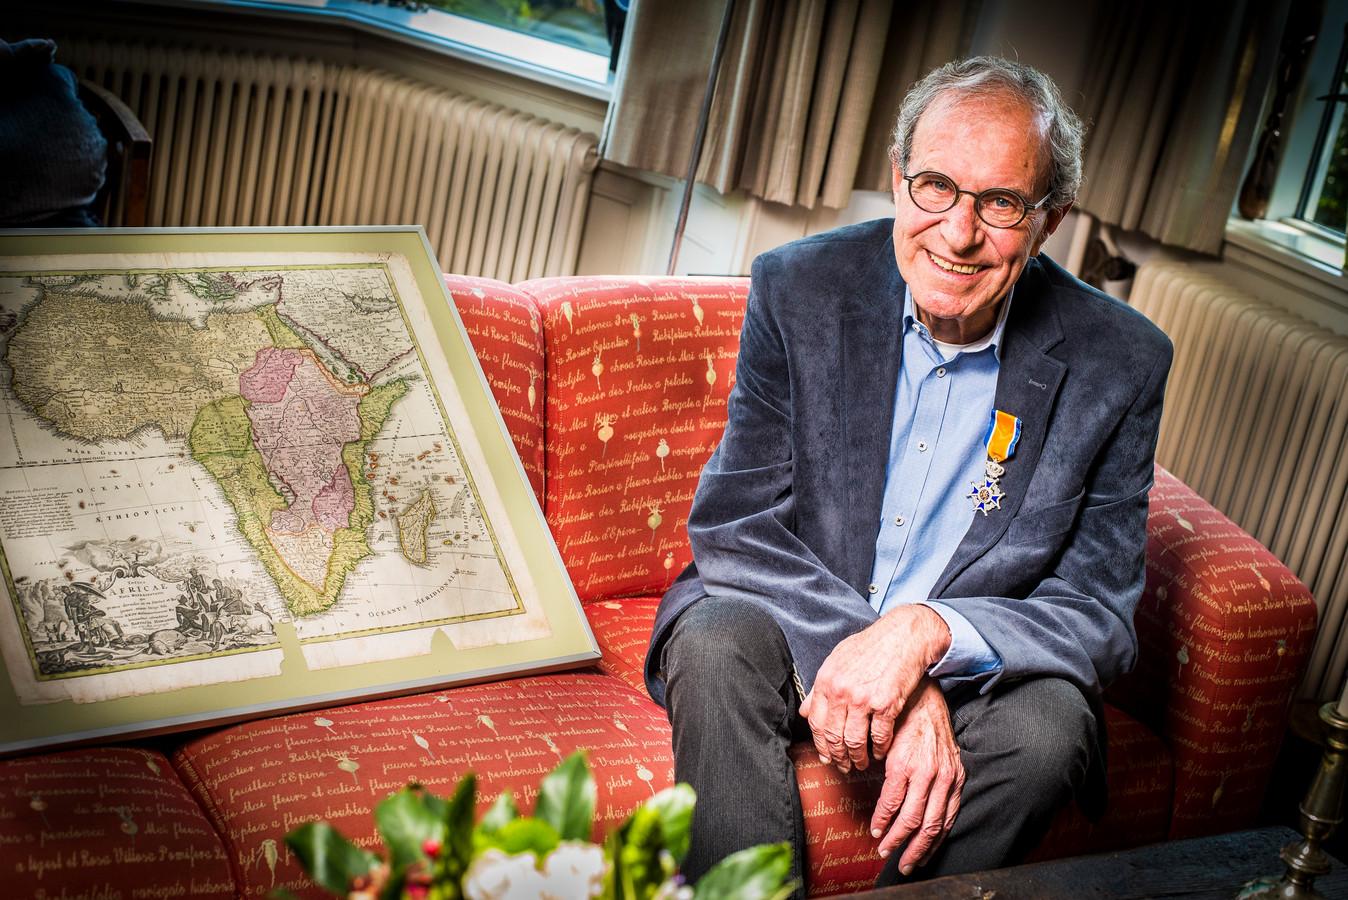 Gerard van Noort was in de jaren '70 acht jaar lang médicin-chef van een ziekenhuis in Kameroen. Na zijn terugkeer naar Nederland zette hij zich vele jaren in voor het land dat gelegen is in westelijk Centraal Afrika.